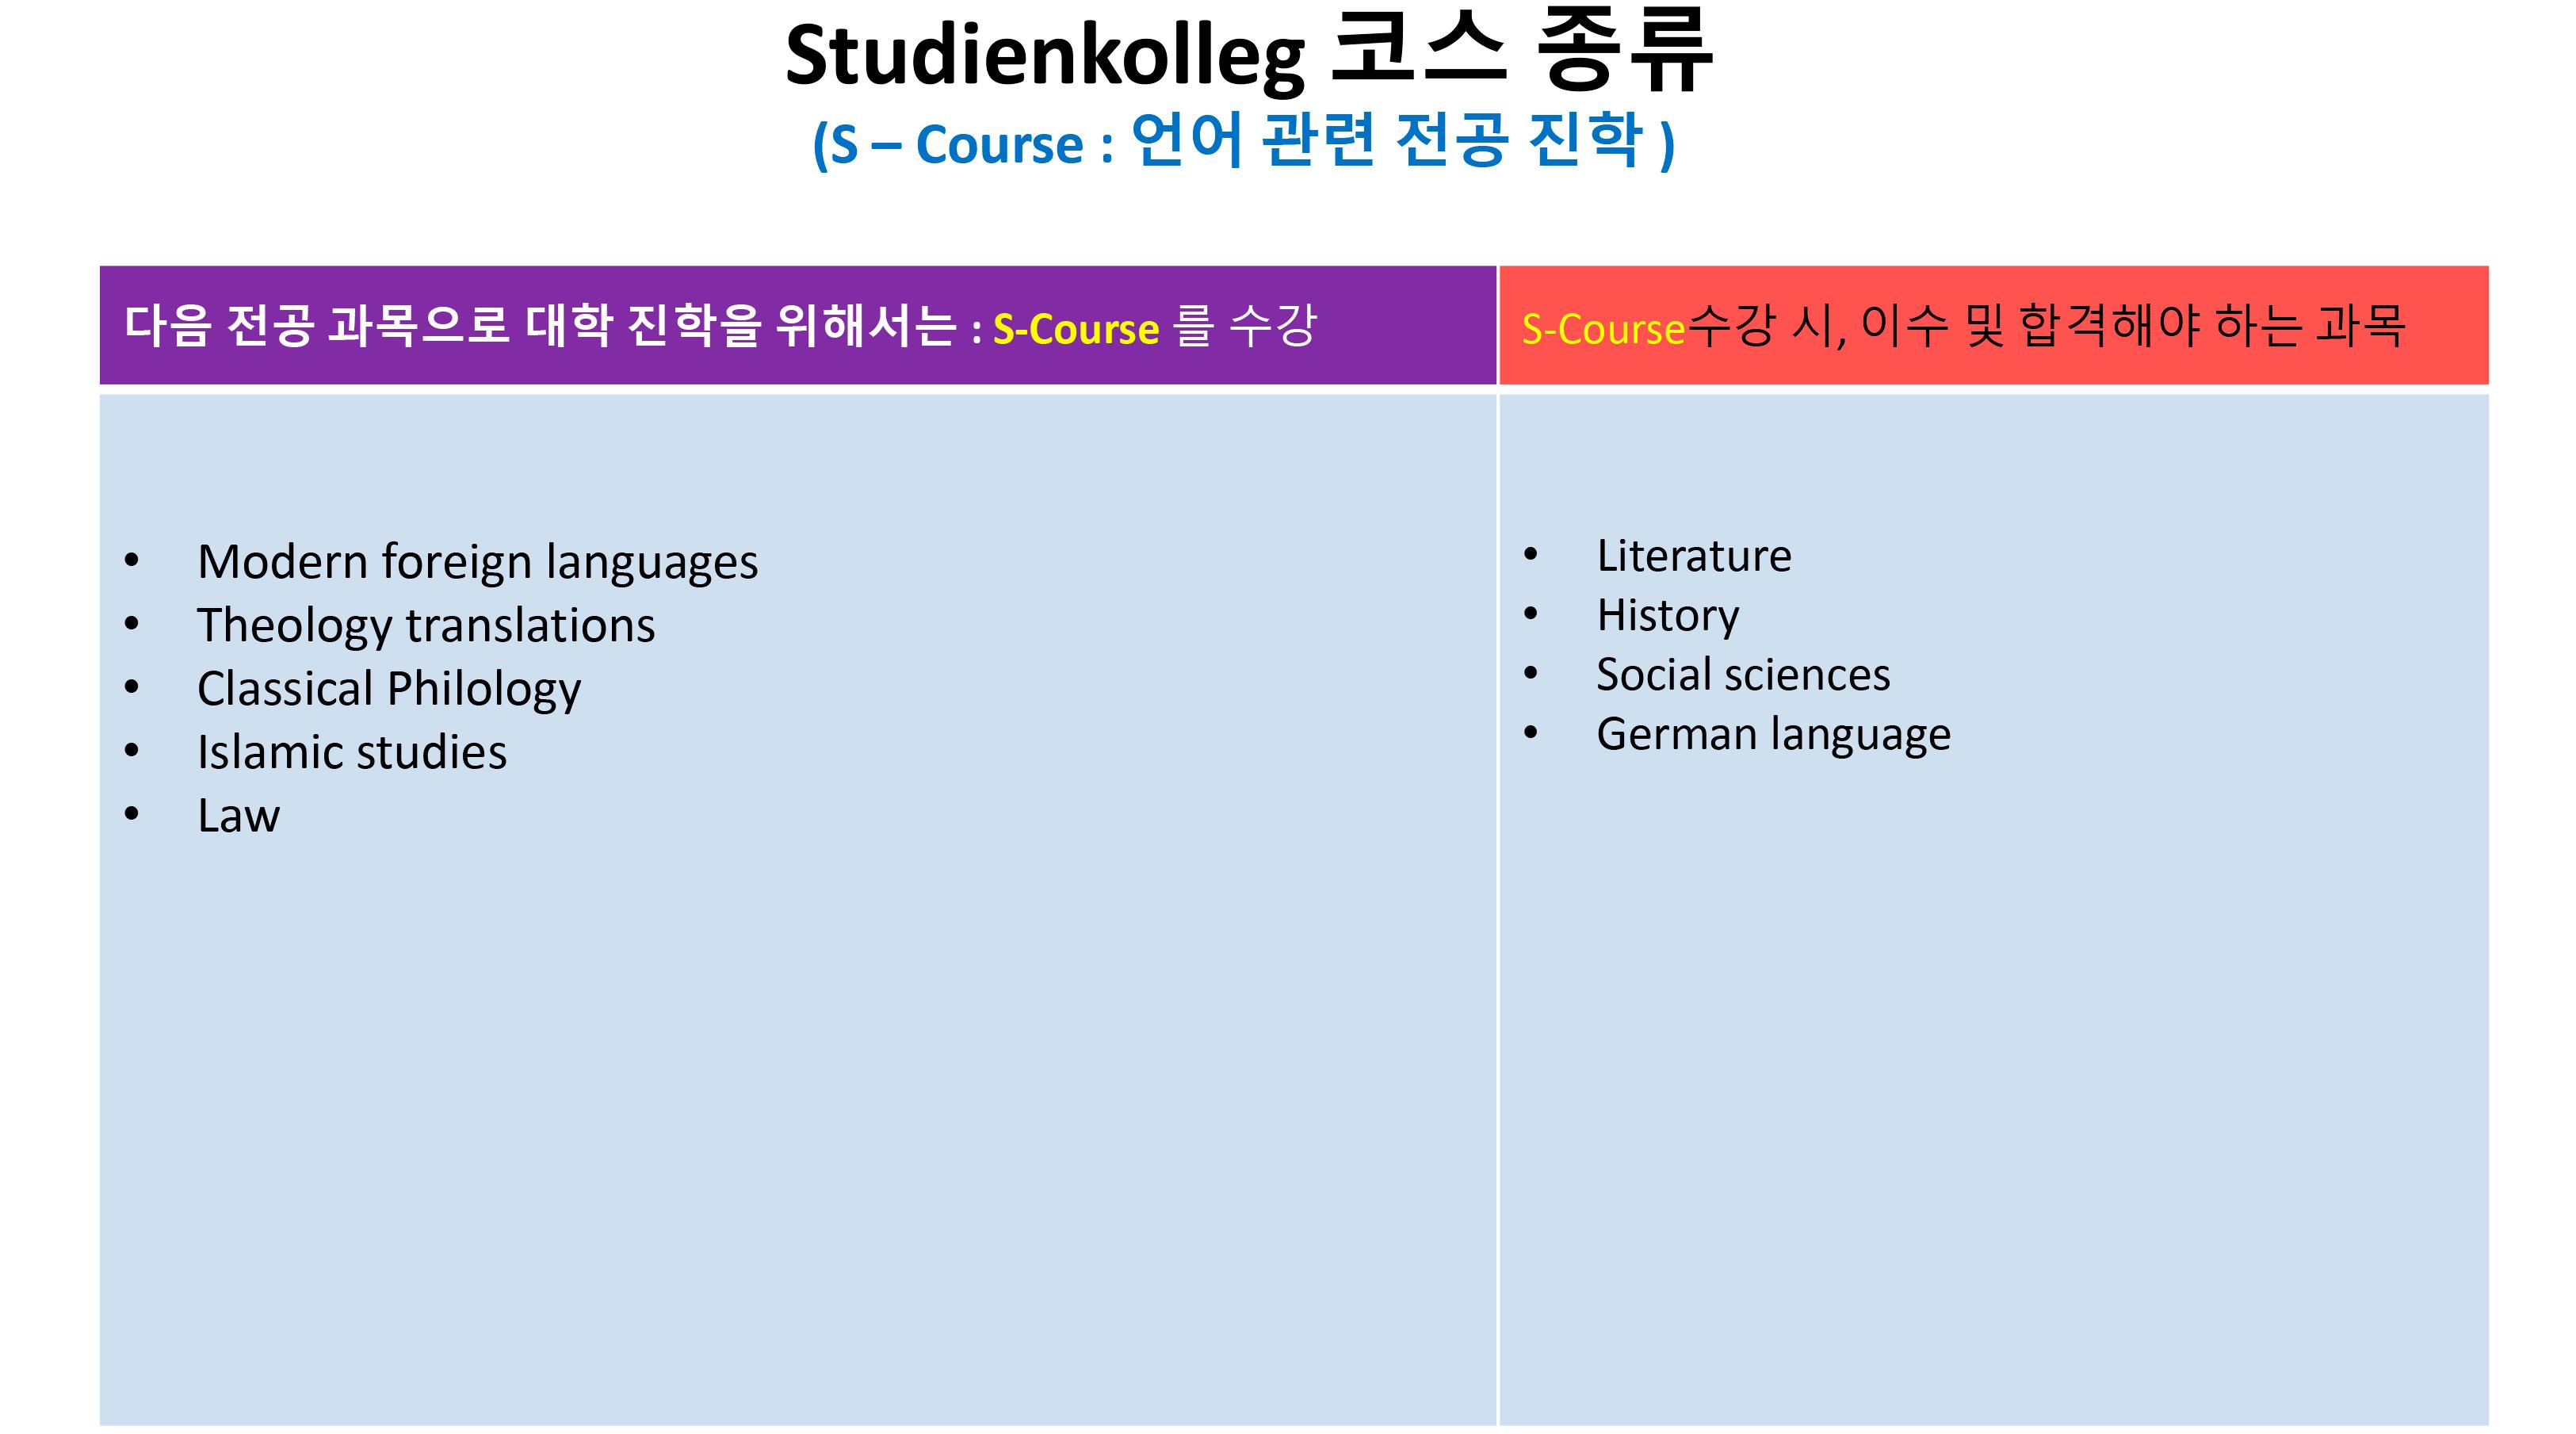 TLG-독일-어학연수-및-대학-진학반_유학원-설명용-(3)-28.png